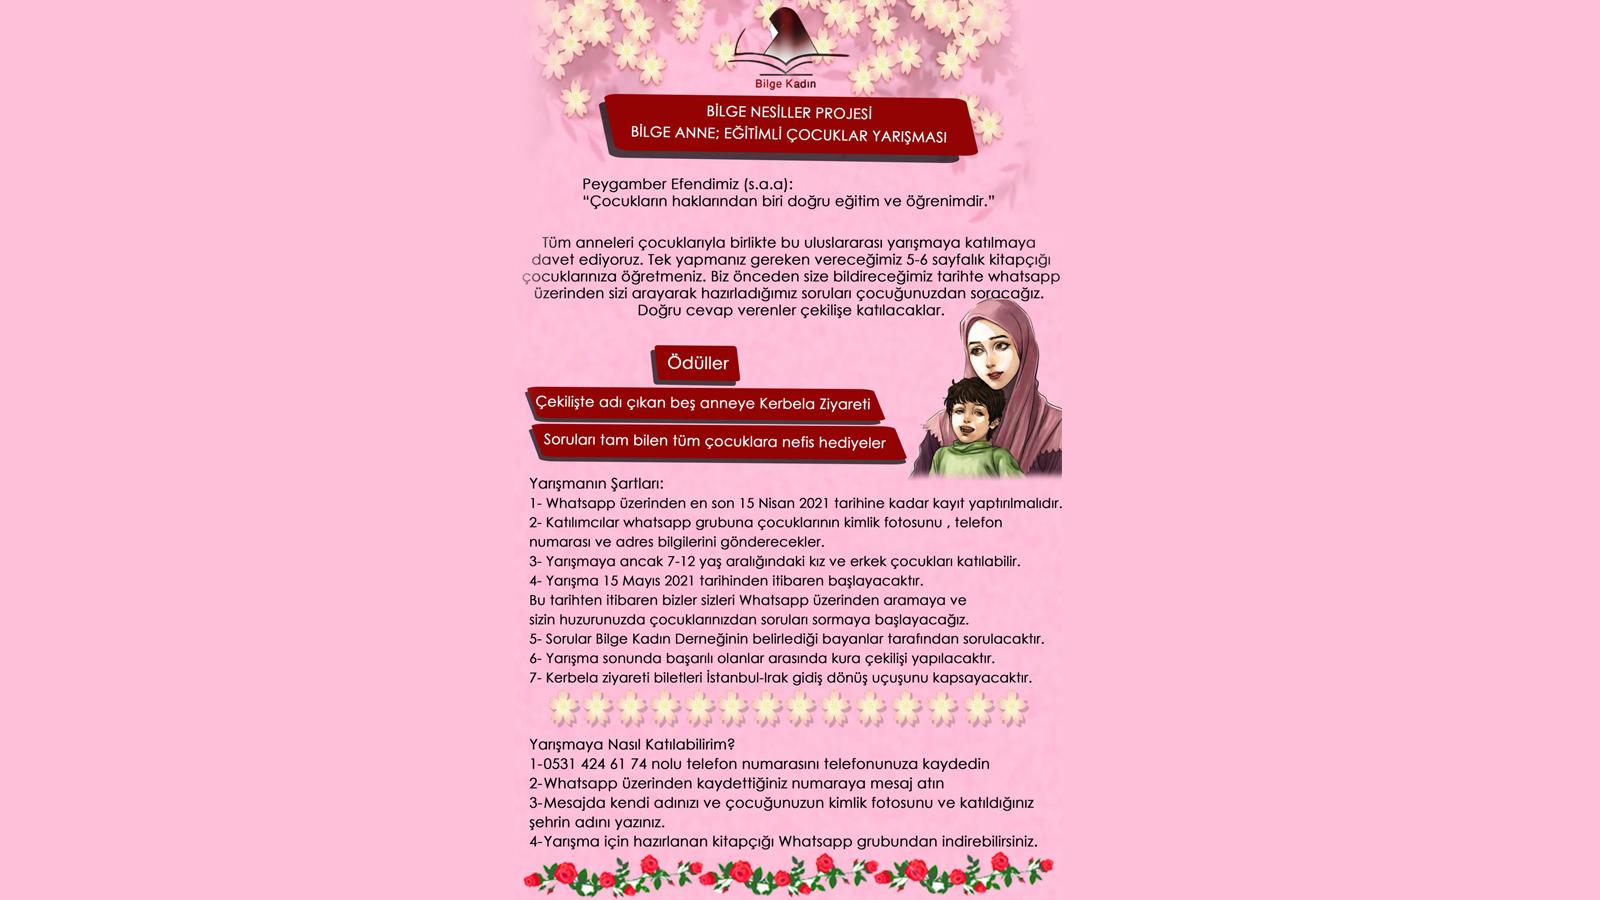 Bilge Kadın Derneğinden Muhteşem Yarışma